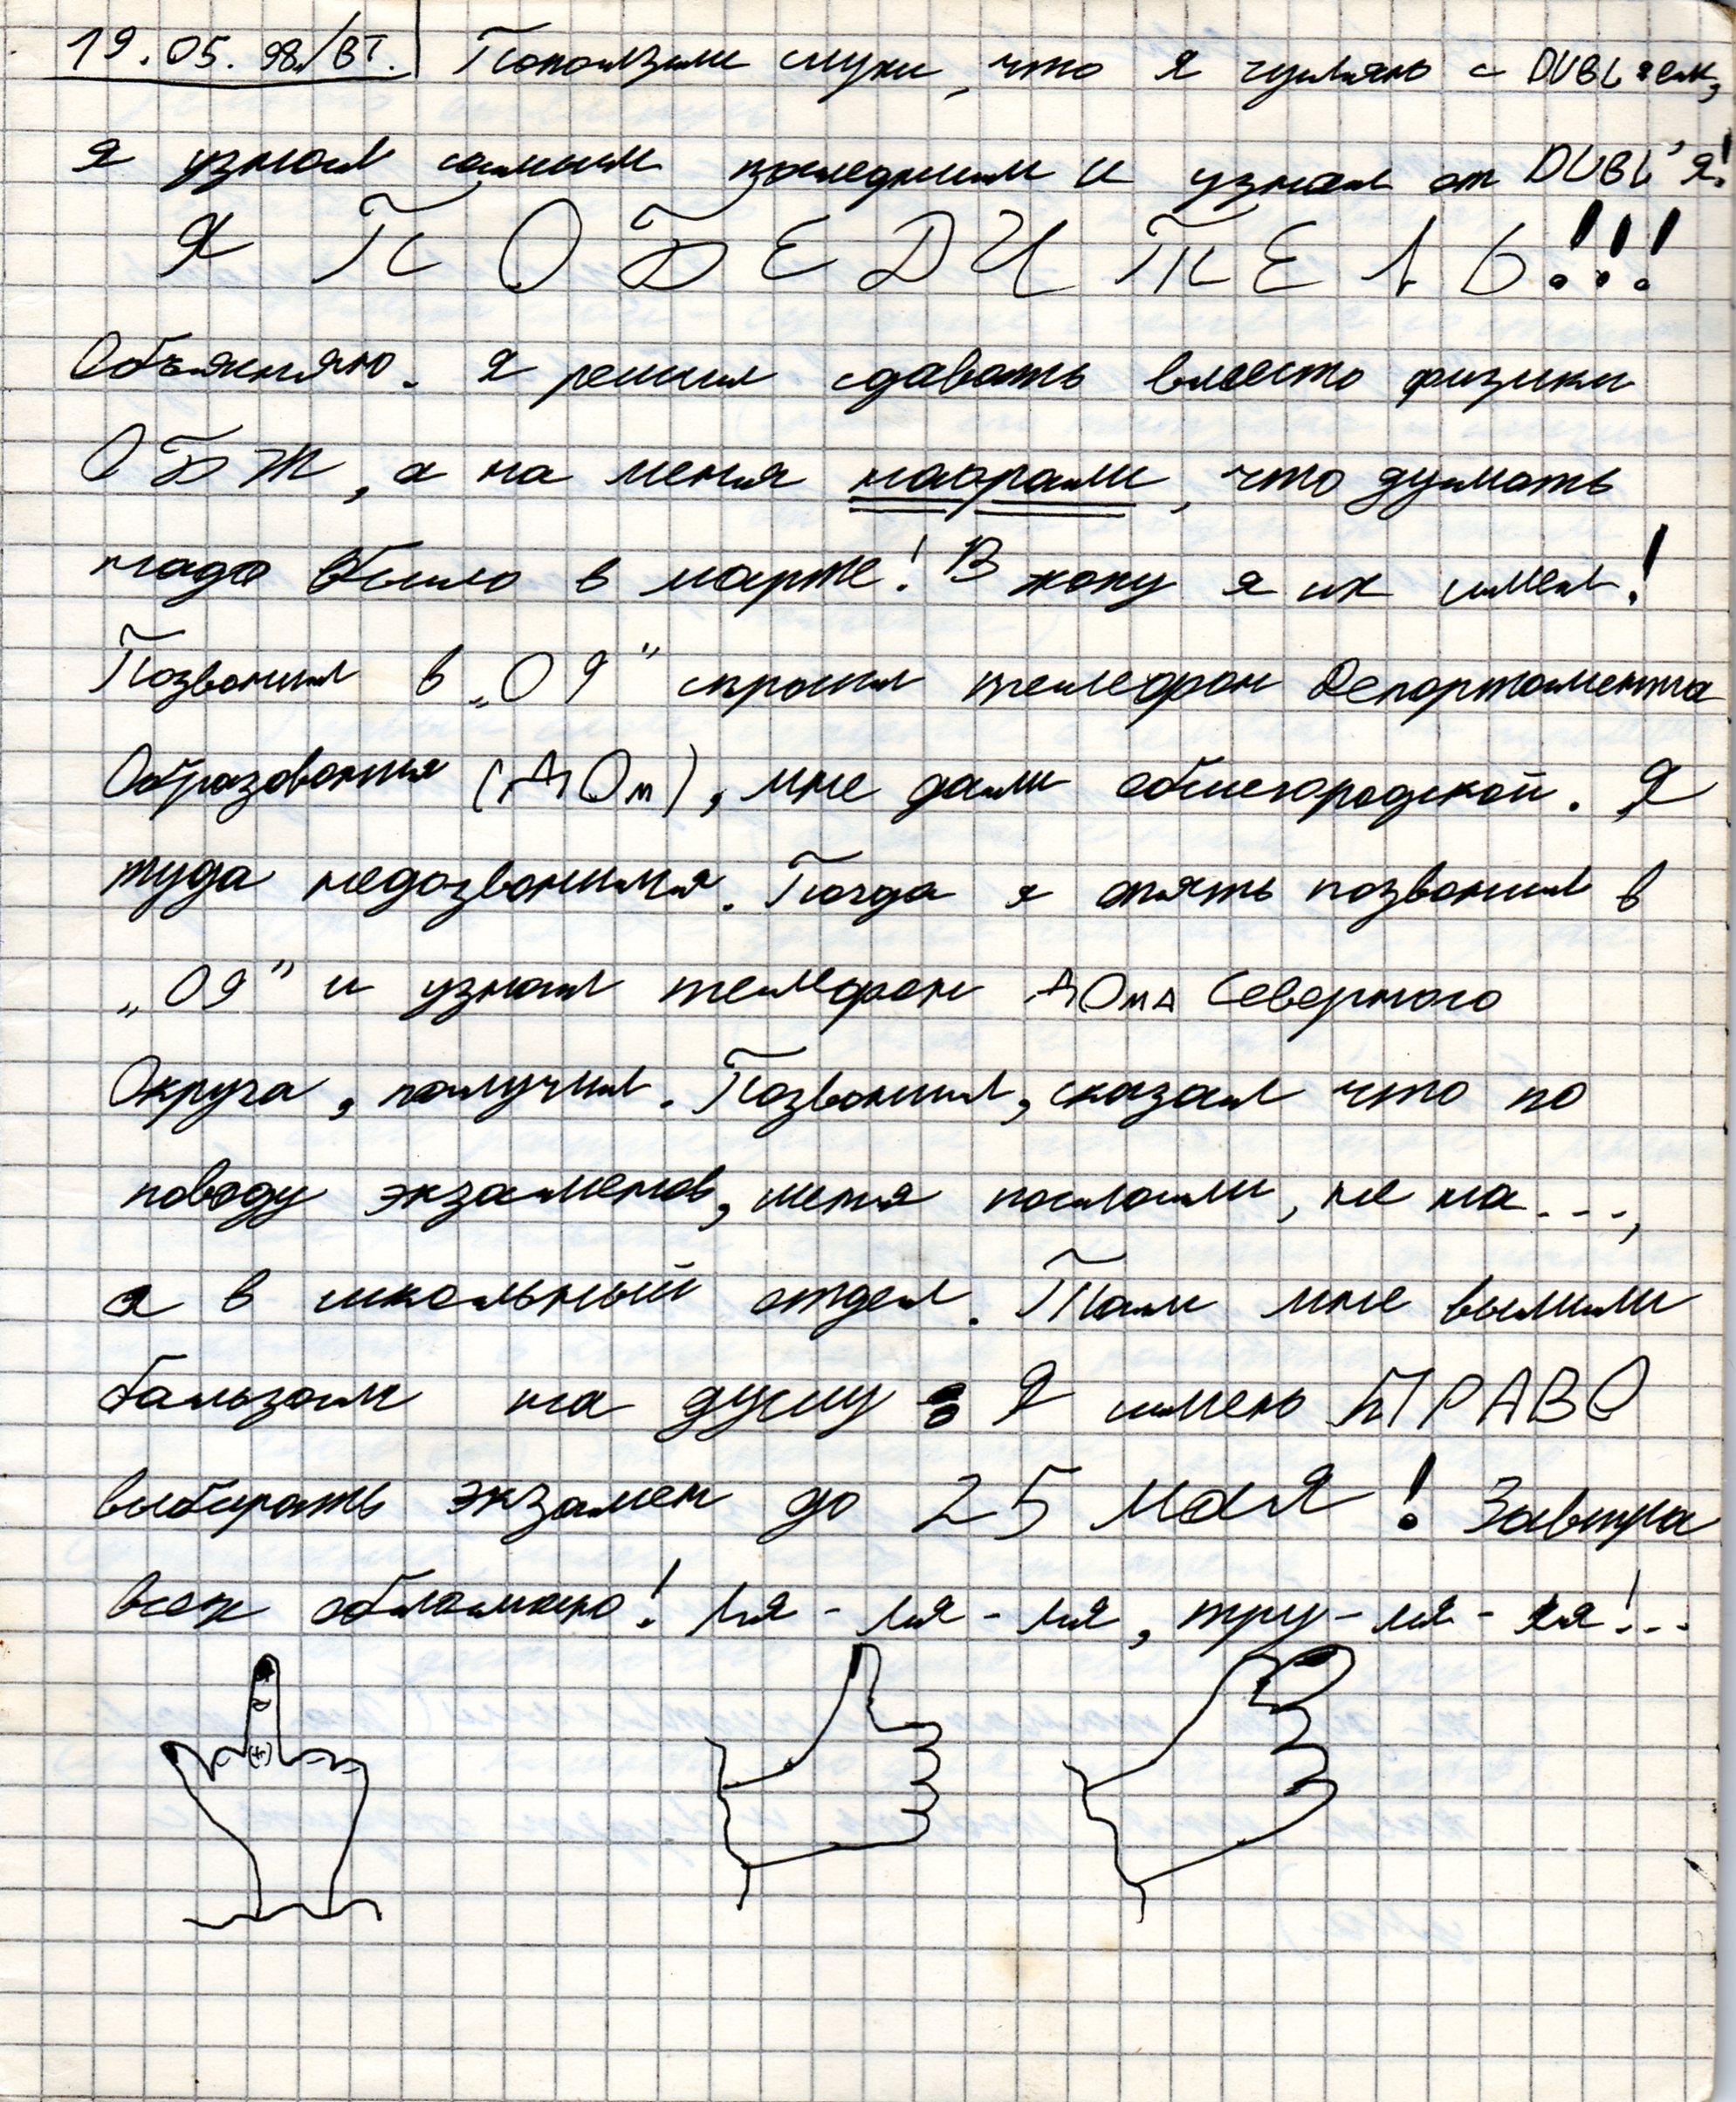 Запись из дневника от 19.05.1998